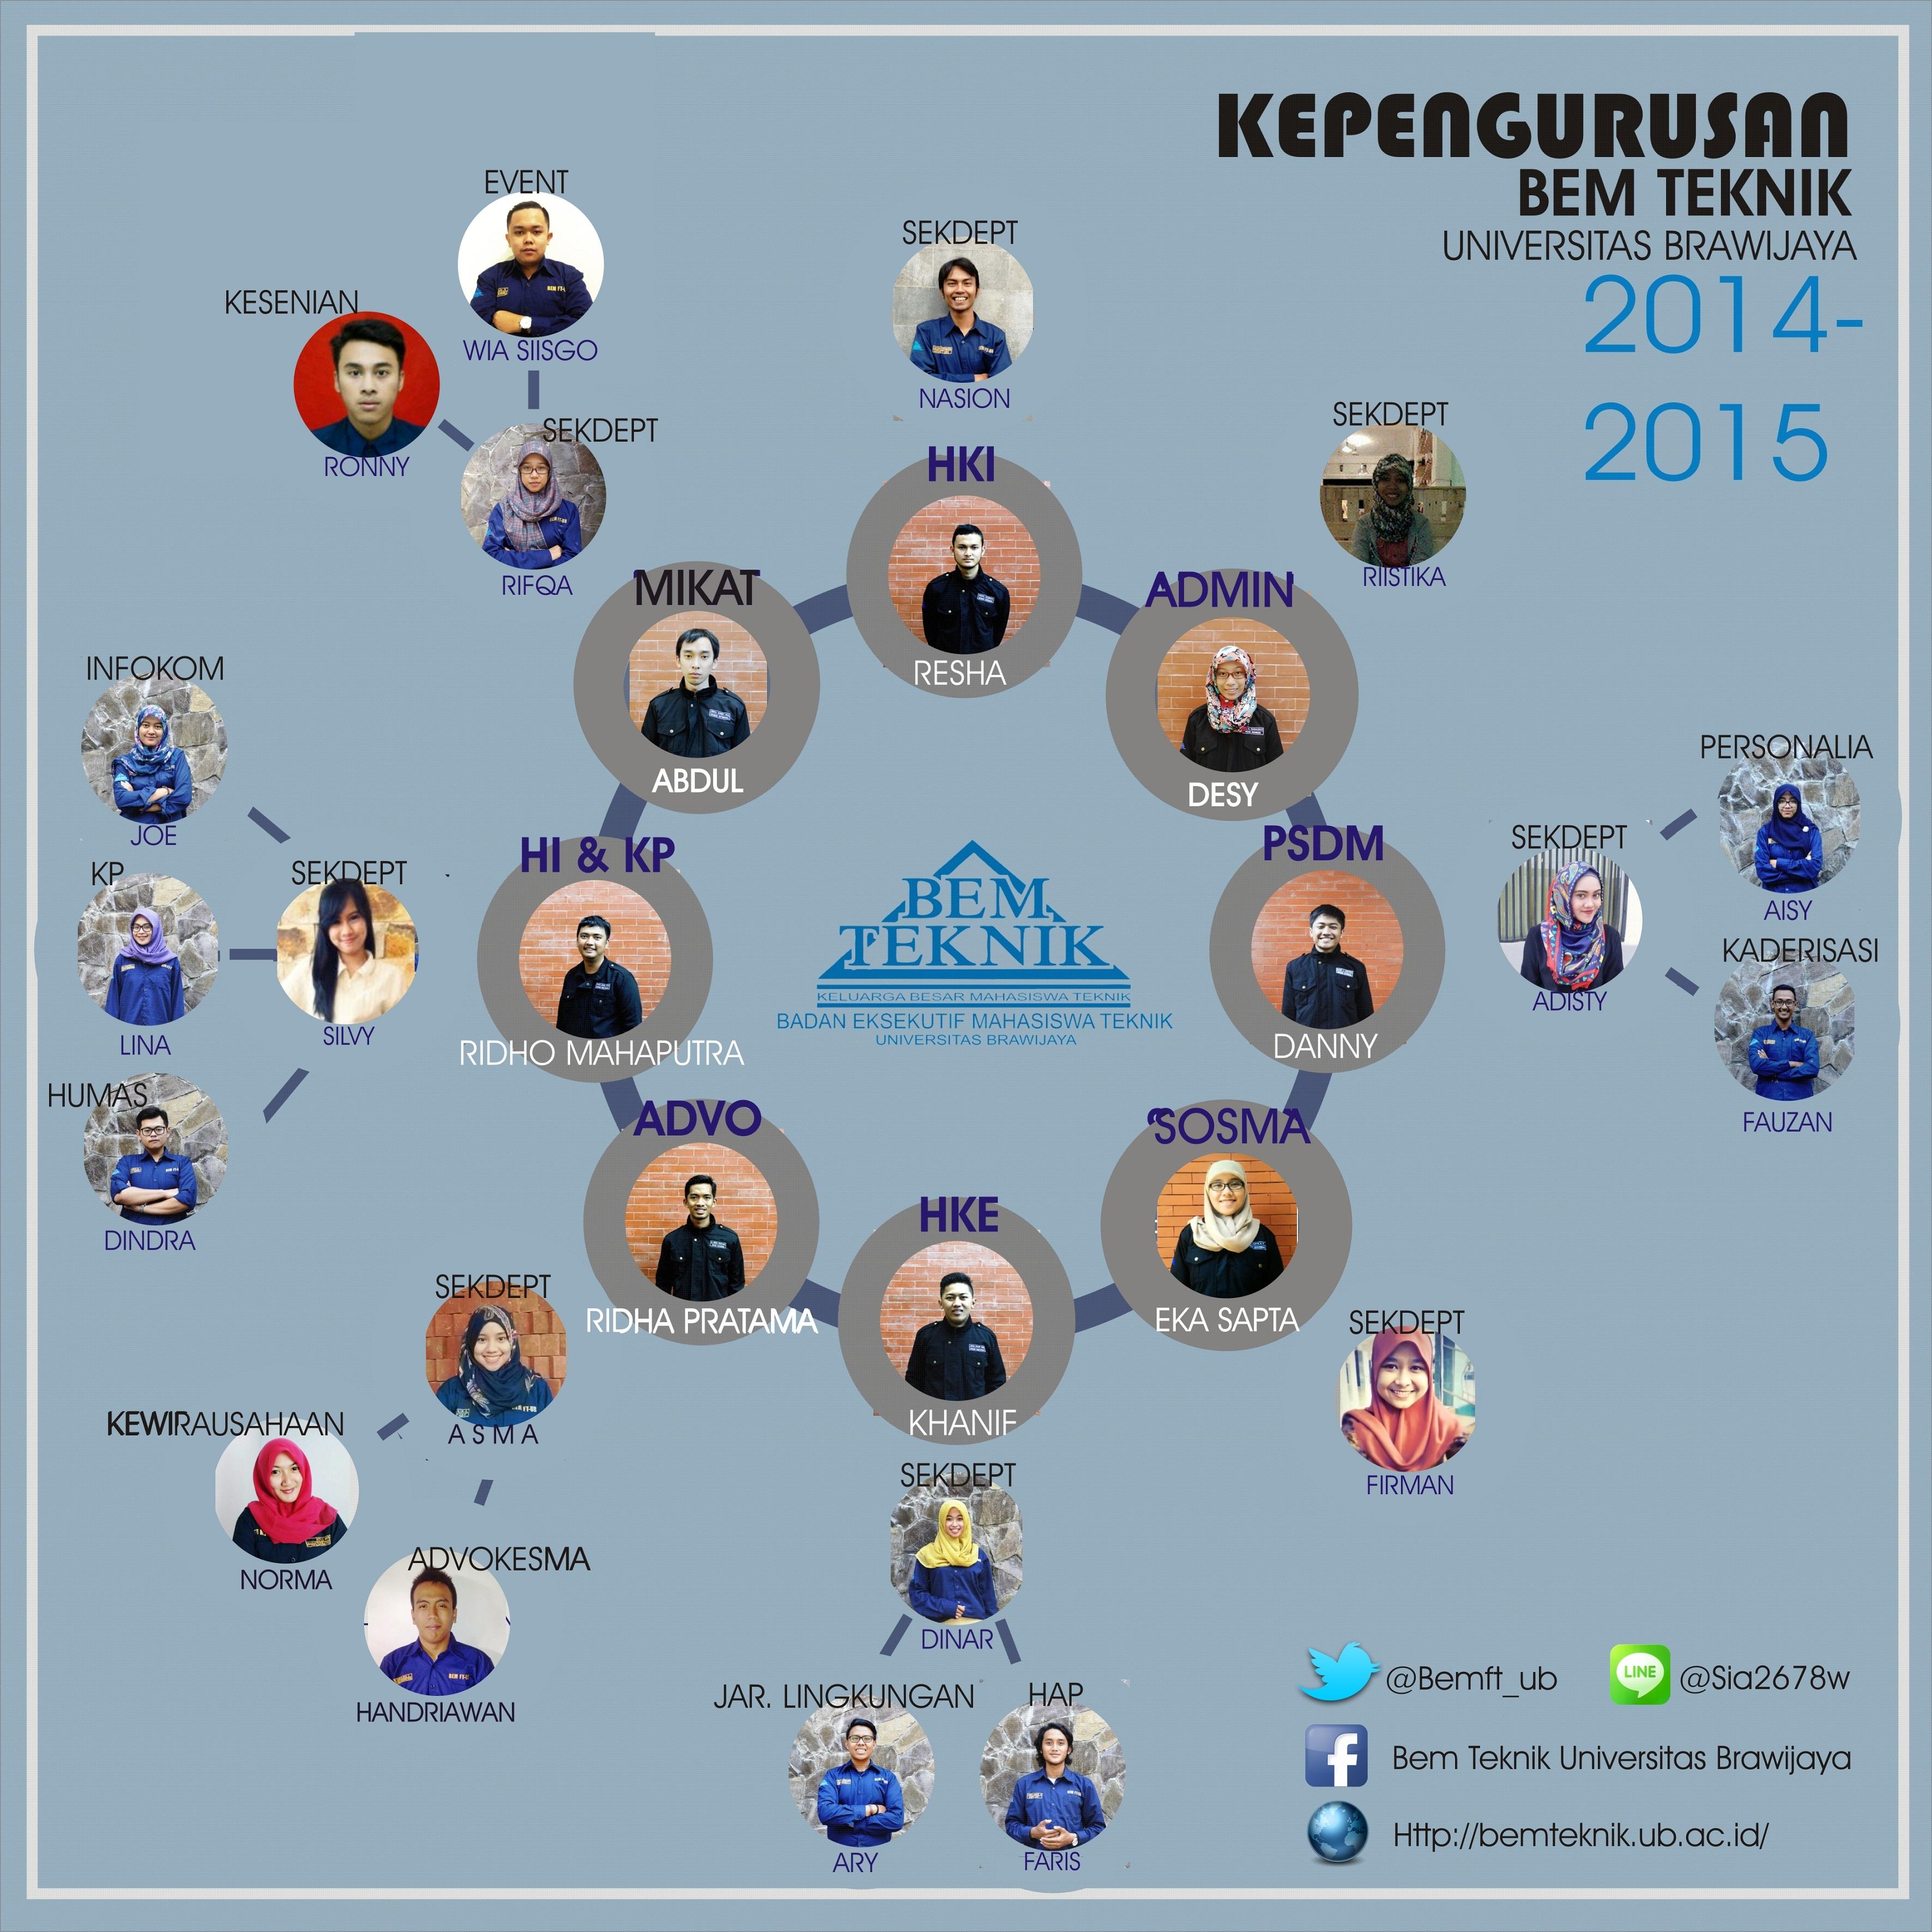 kepengurusan2014-2015